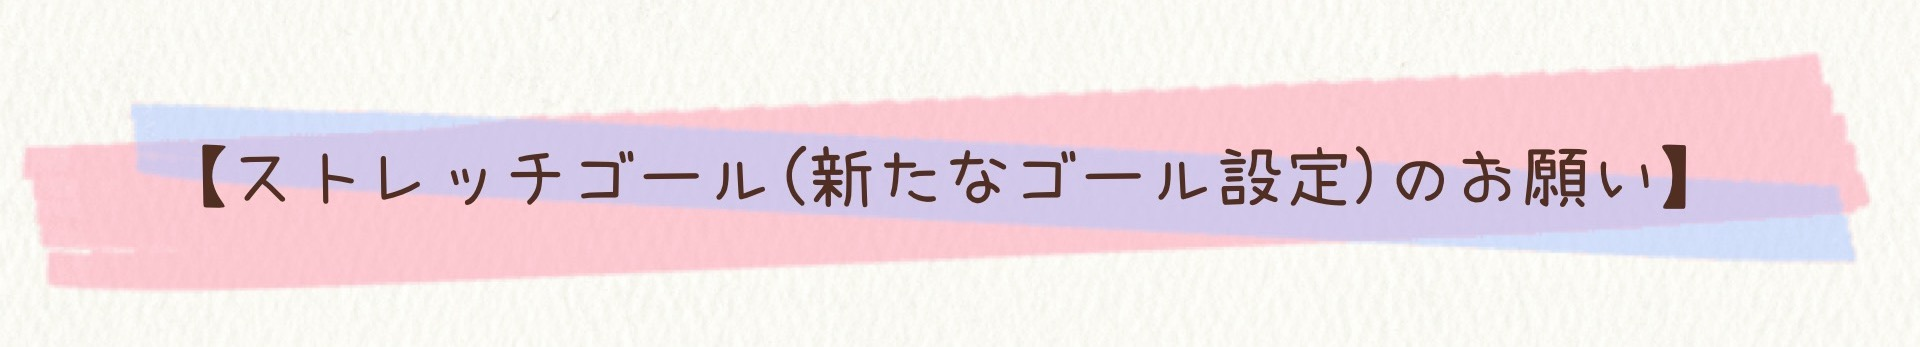 姫路産アーティスト藍の初ワンマンライブを世界文化遺産姫路城の近くで盛大にやりたい